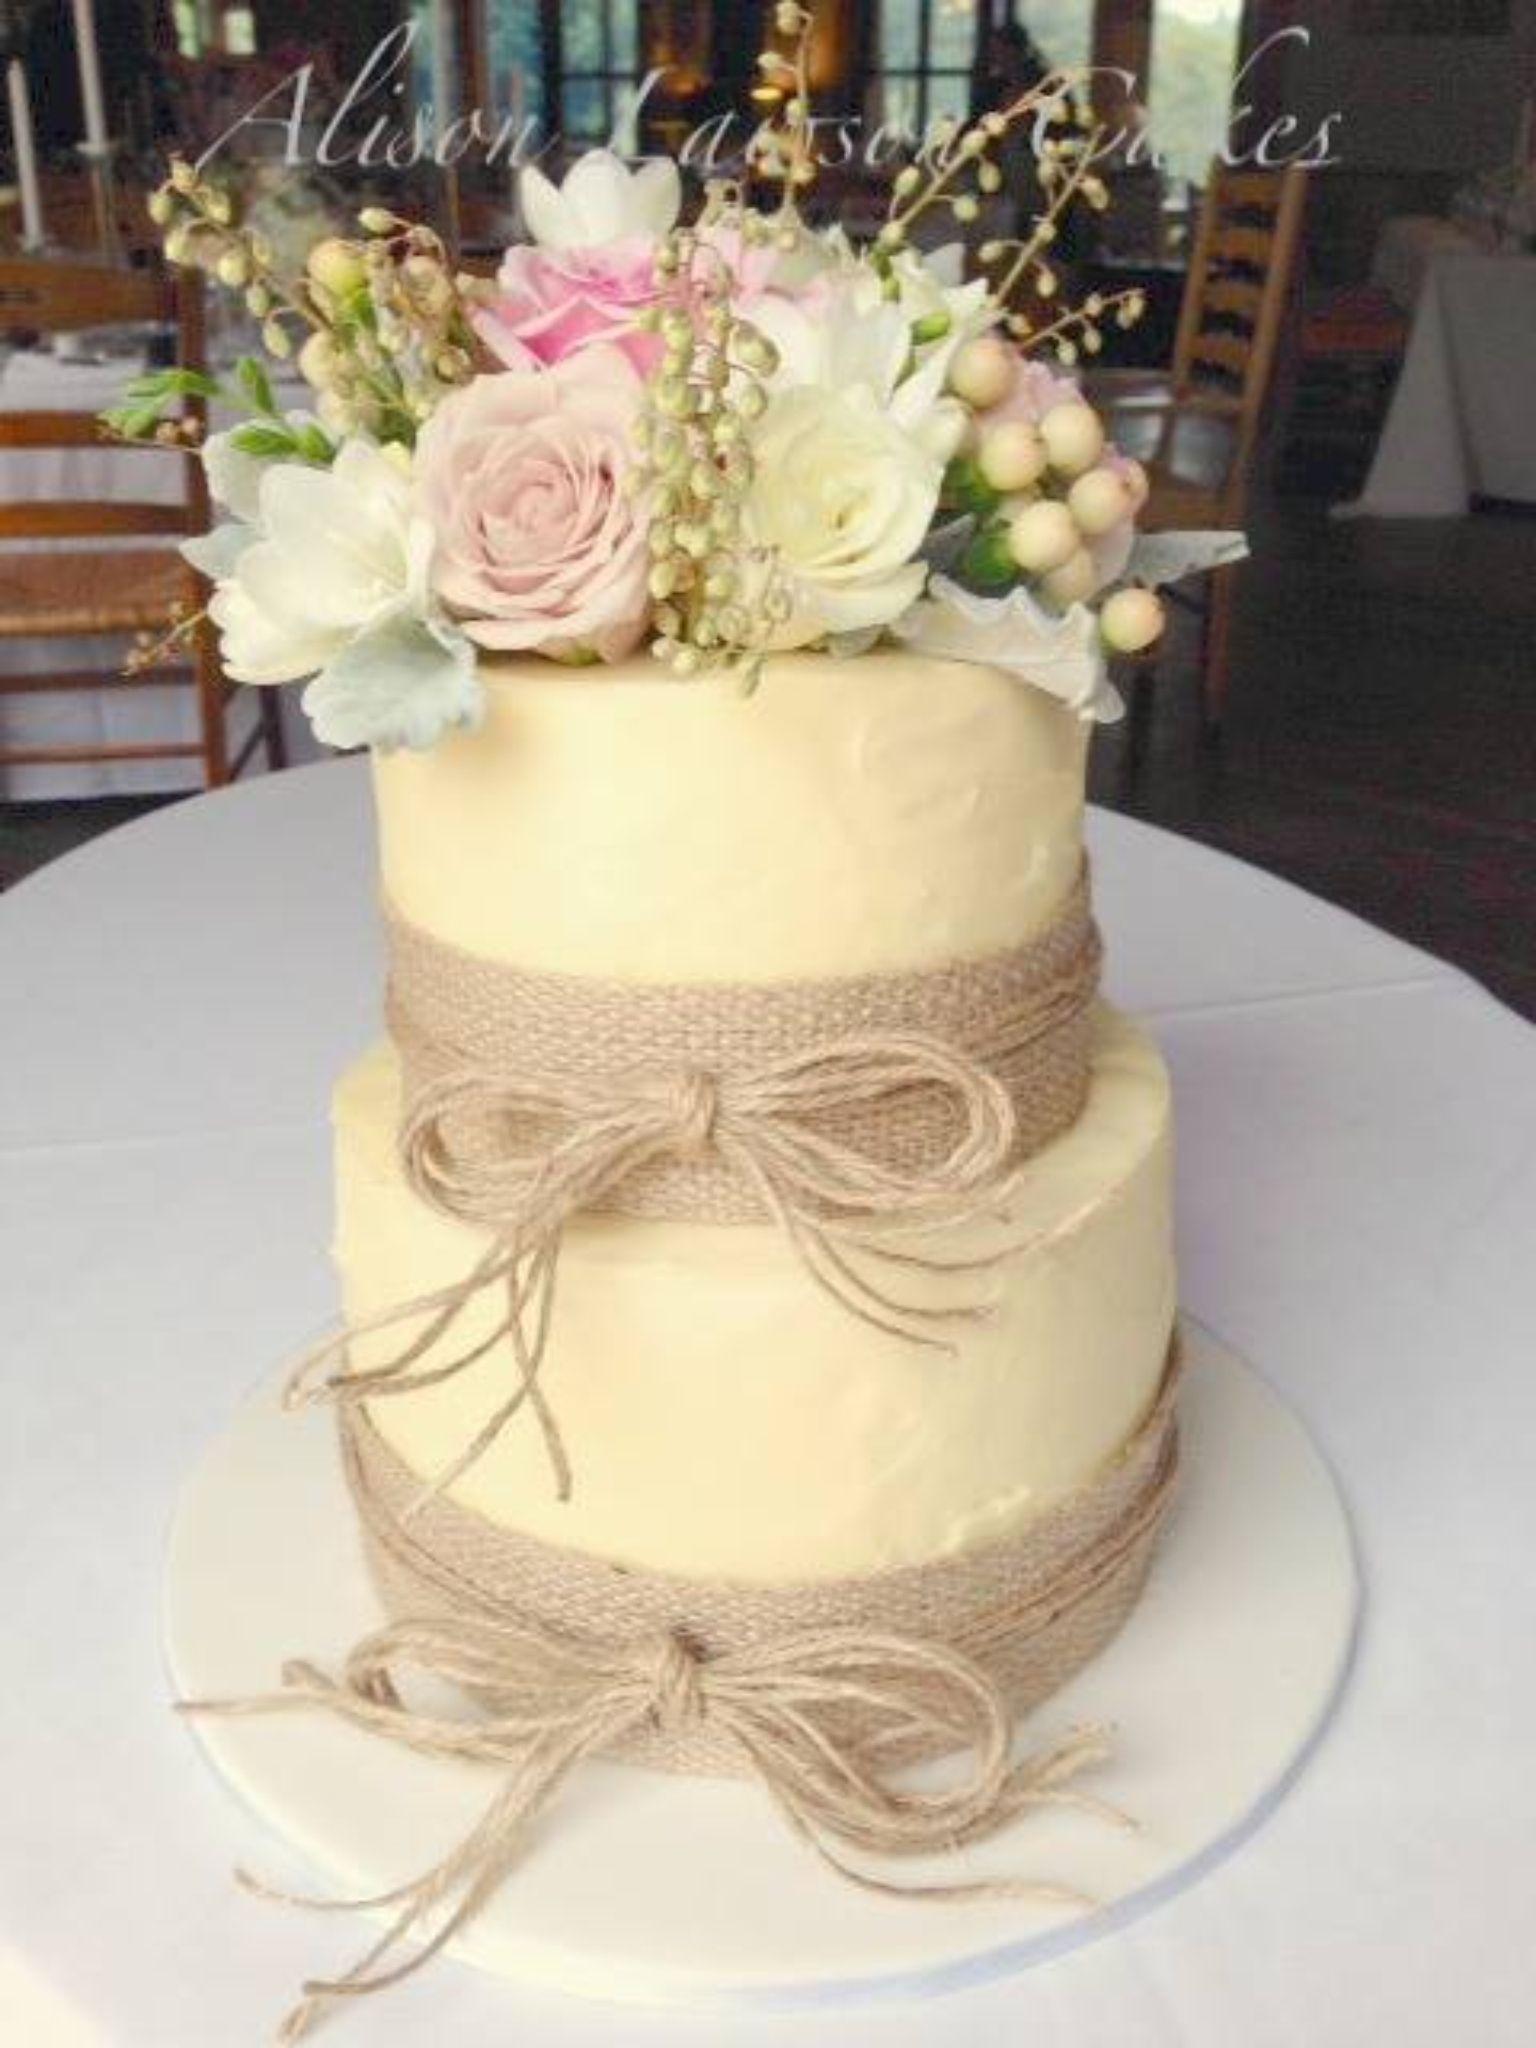 Lees favourite cake | Wedding caked | Pinterest | Wedding cake ...